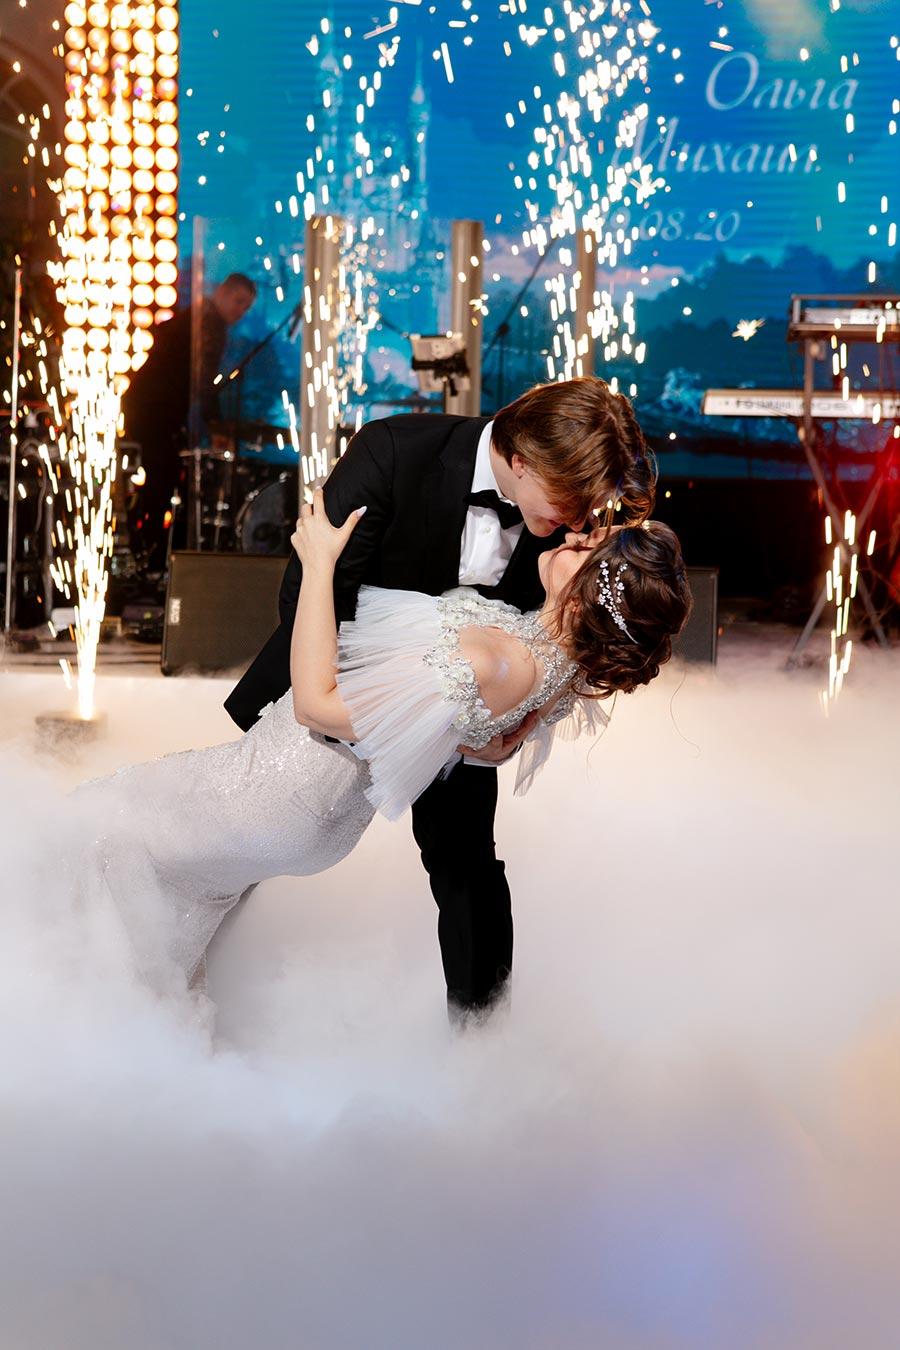 свадьба в стиле дисней для оли и миши 18